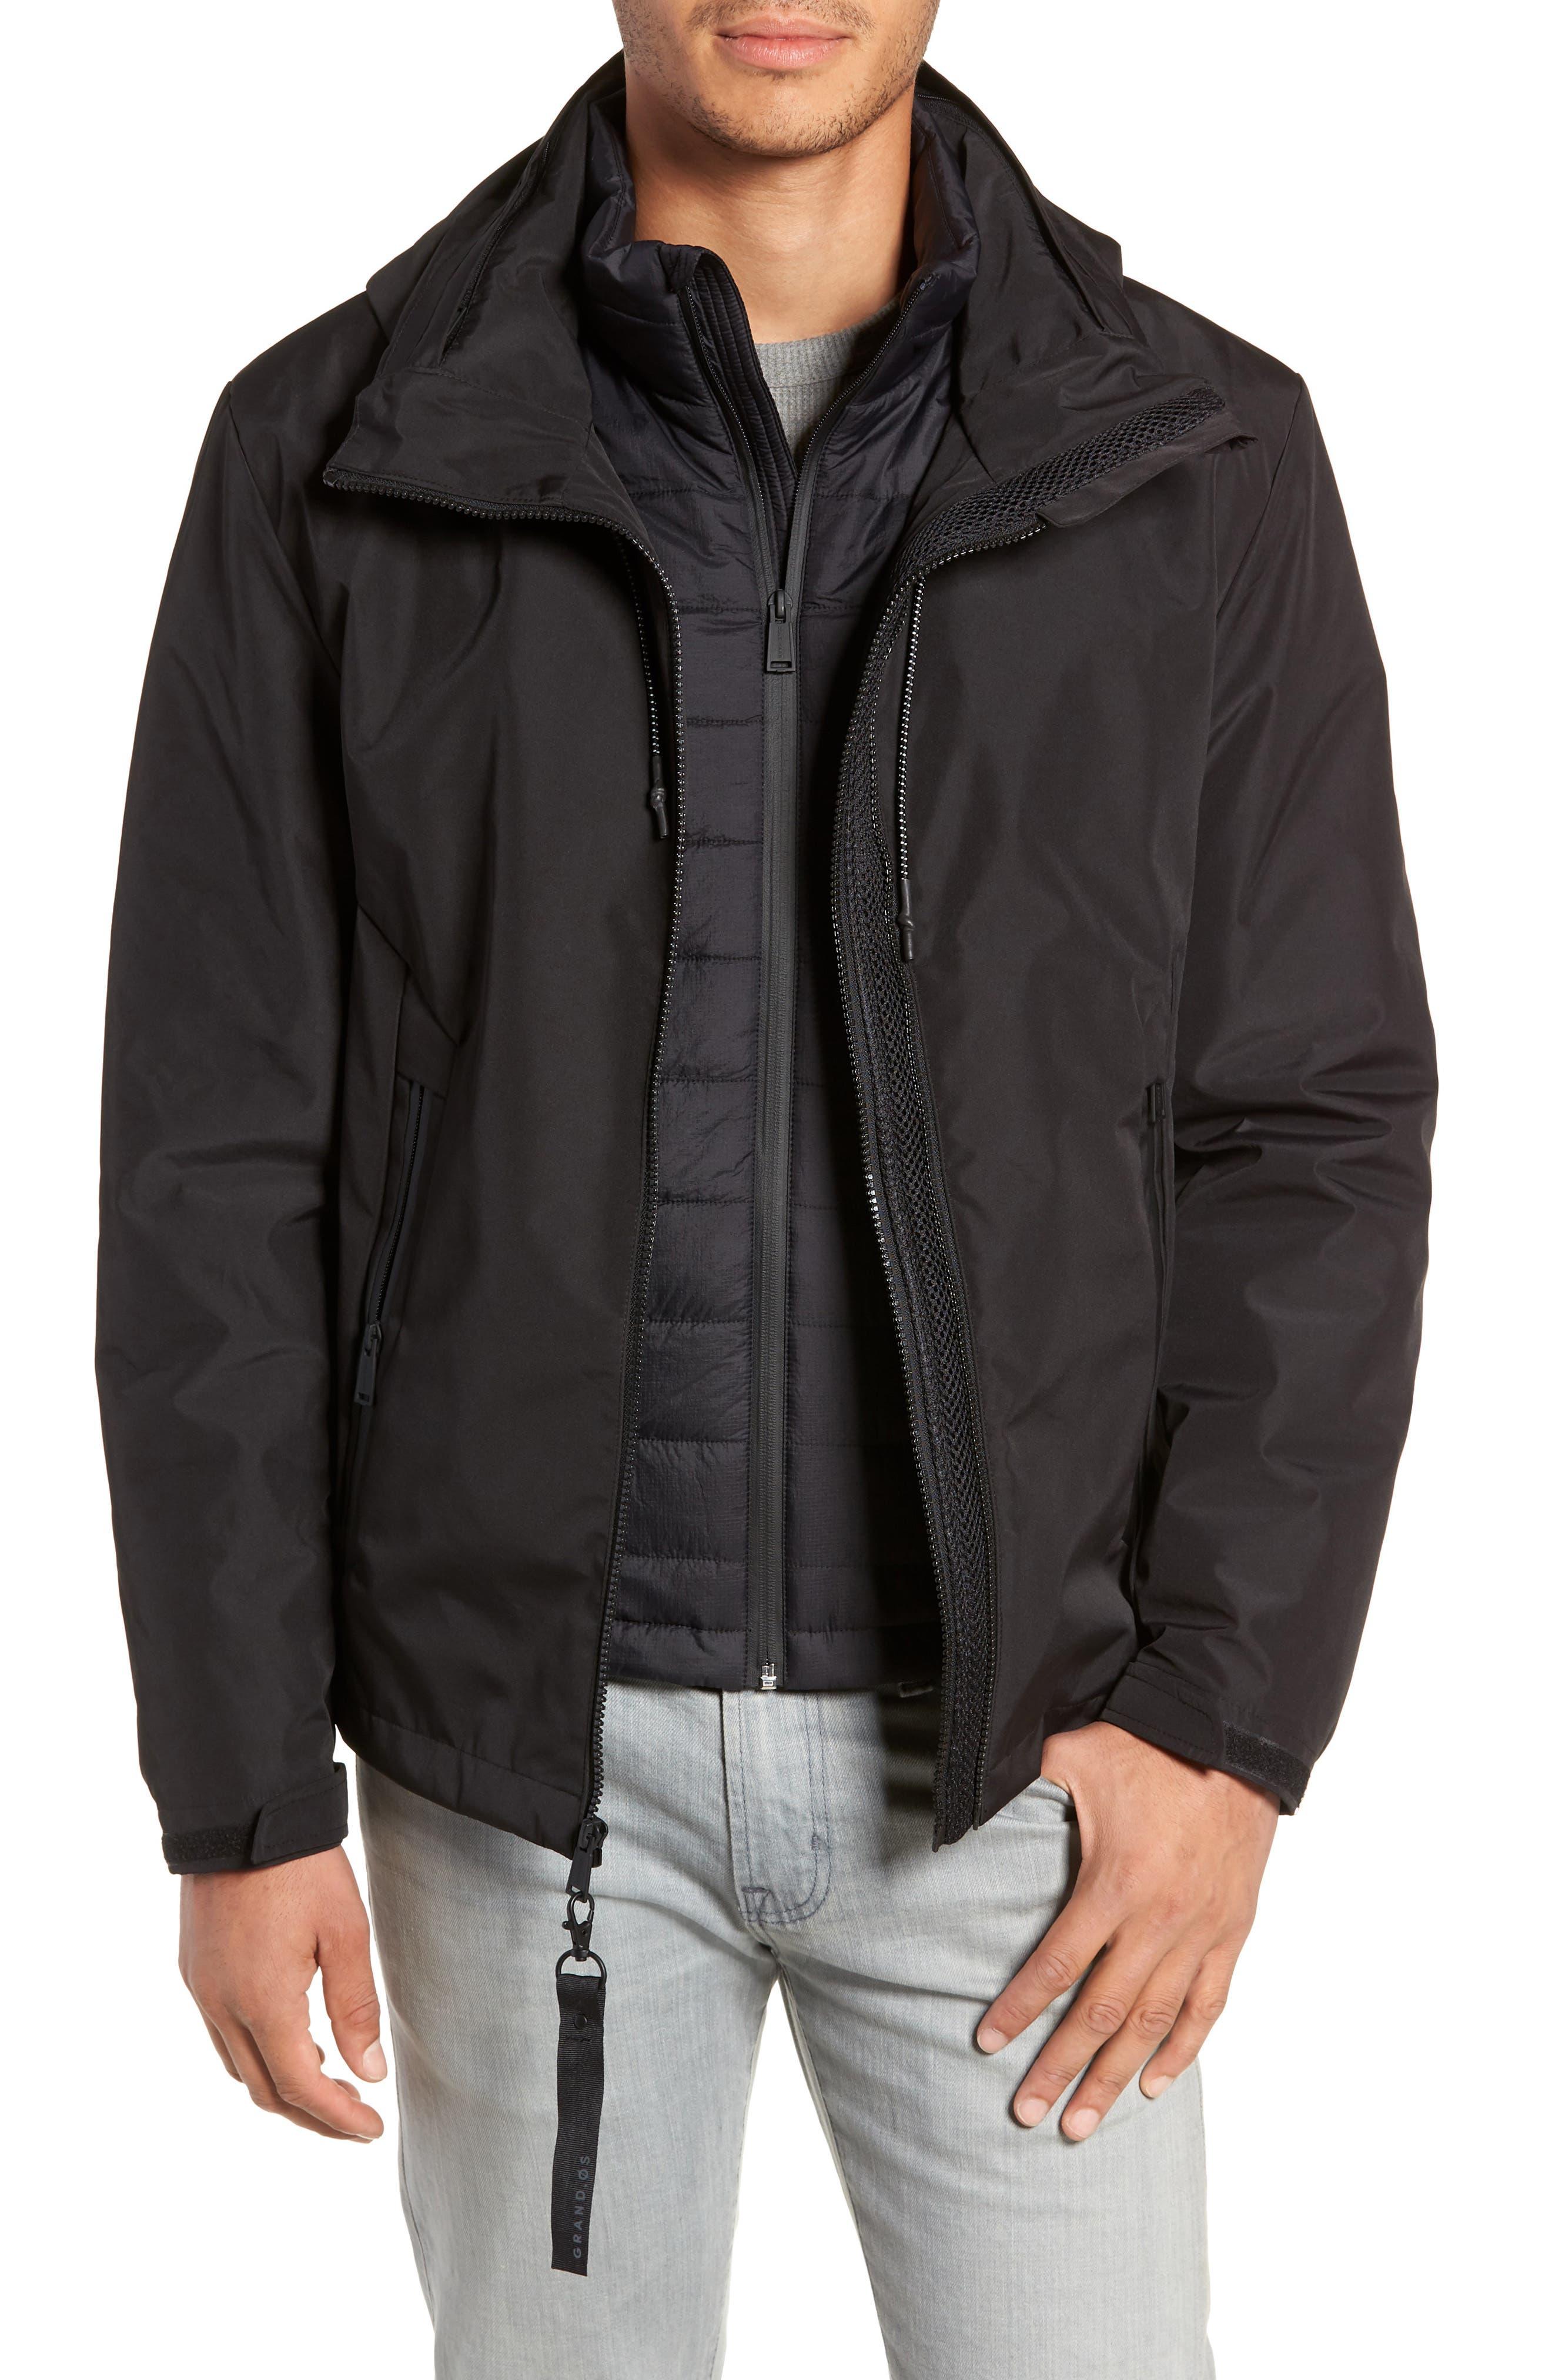 Cole Haan 3-In-1 Rain Jacket, Black